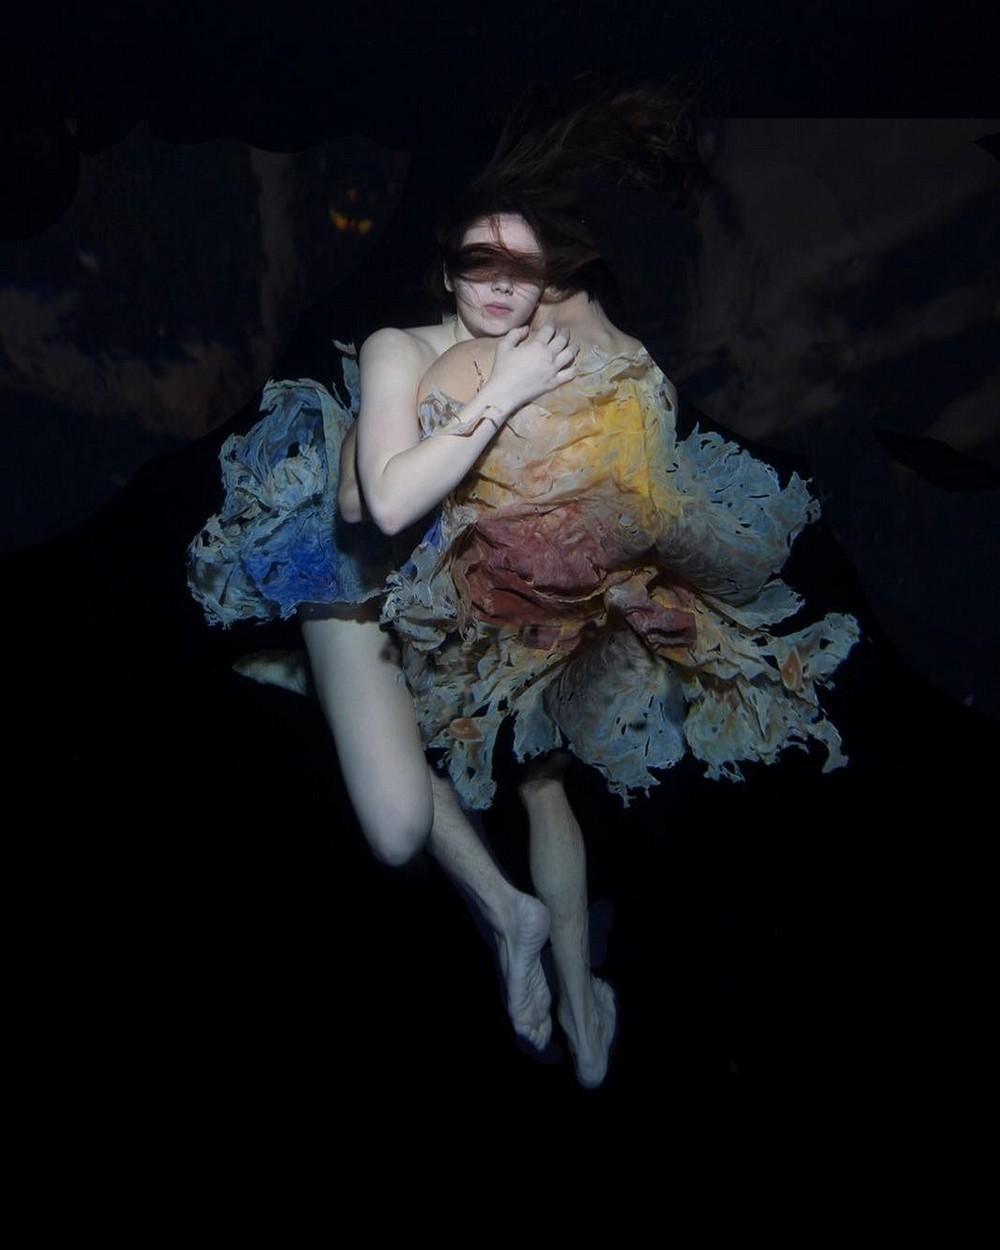 Женские образы на подводных снимках Габриэле Виртель